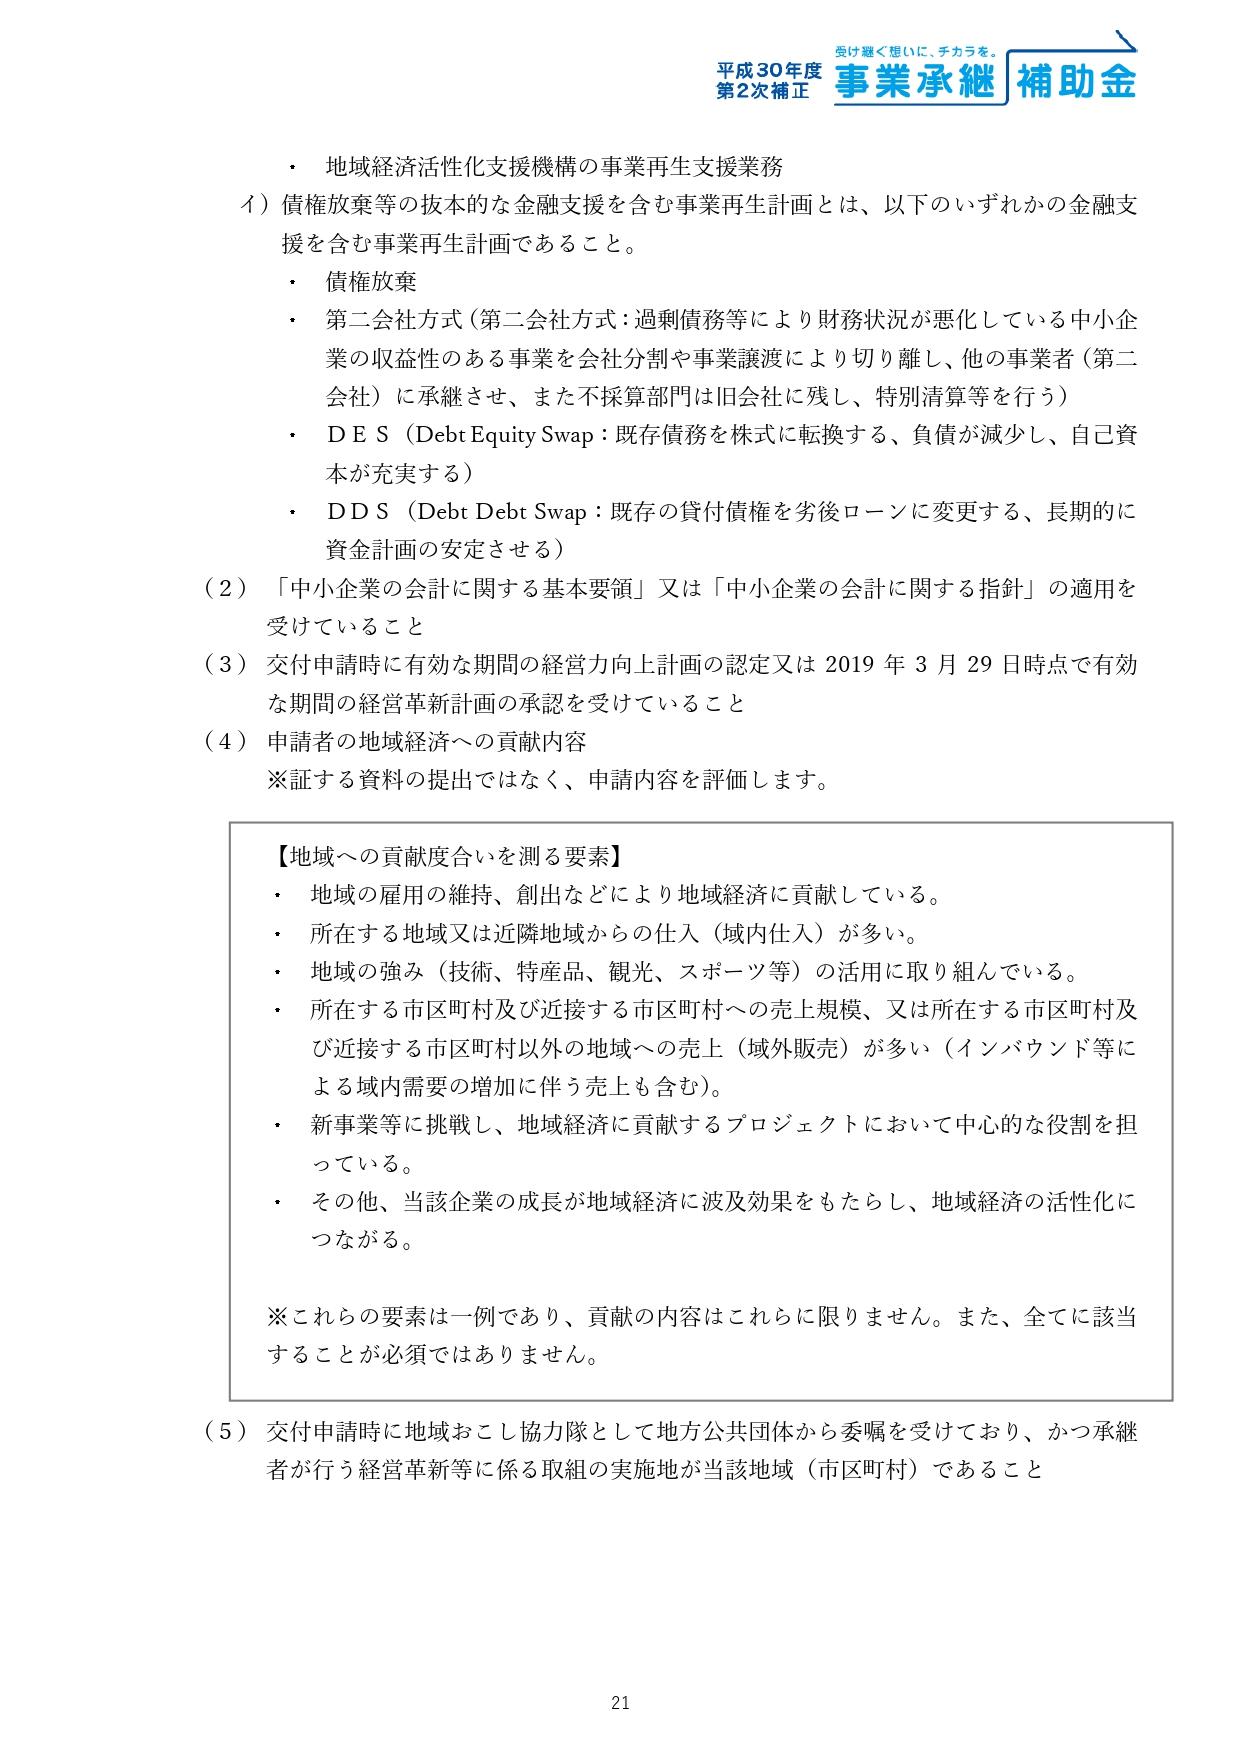 事業承継_h31_補助対象経費_page-0022